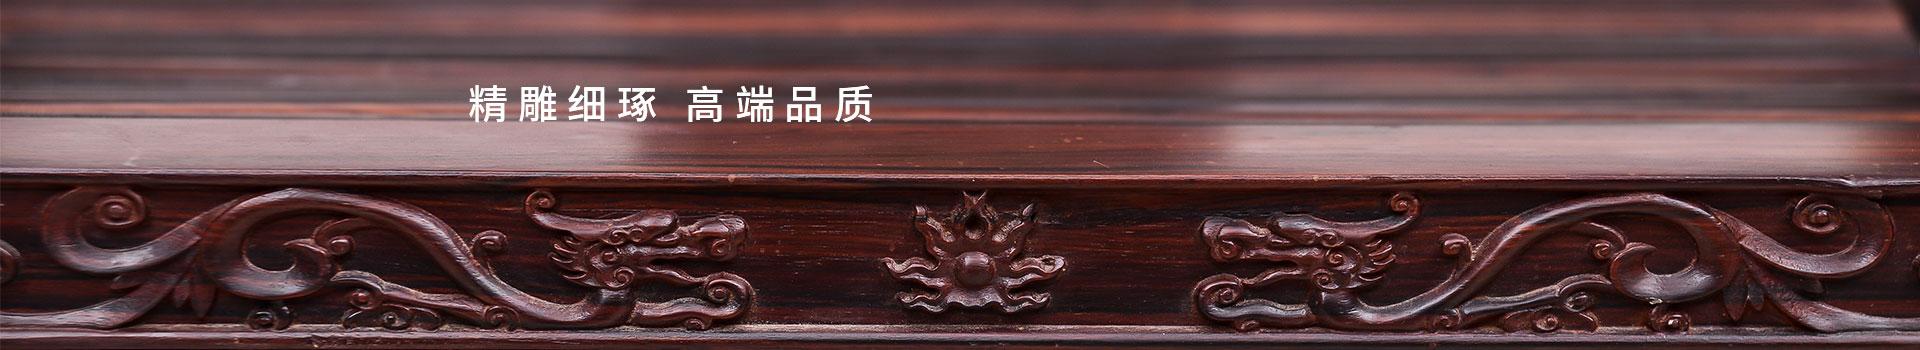 湖北中式榆木家具-产品